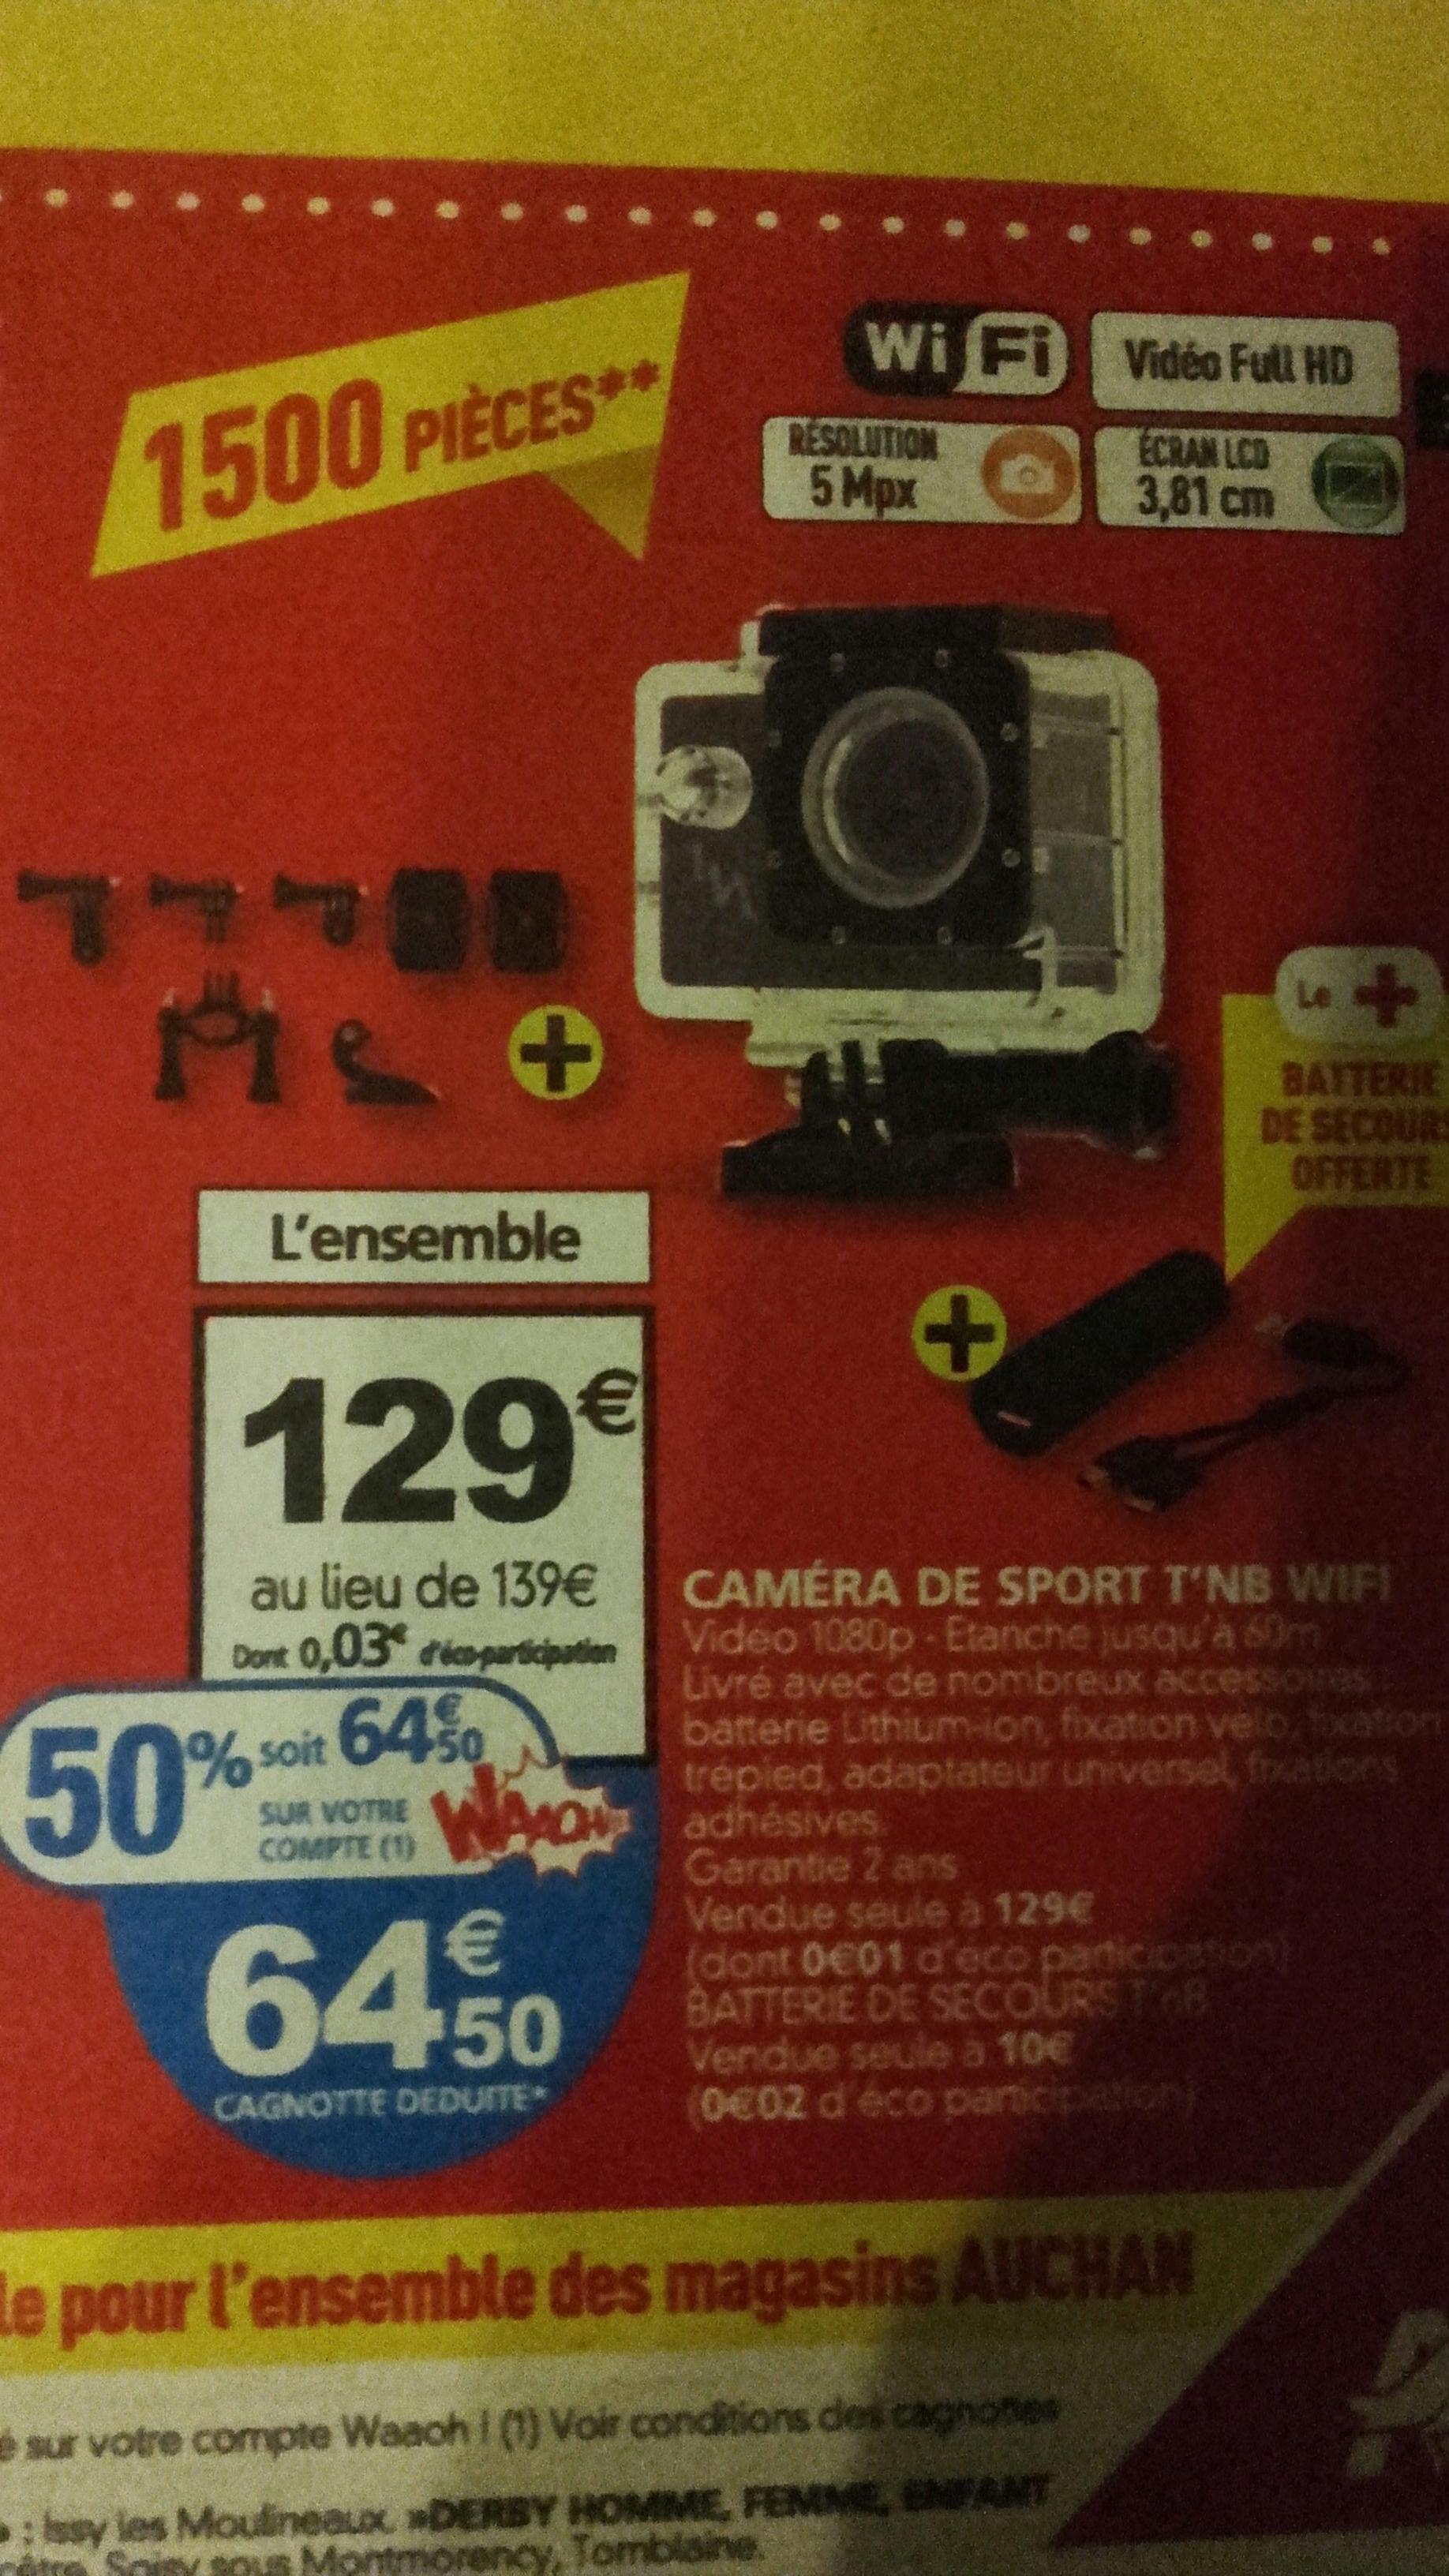 Caméra sportive T'nb Wifi - 1080p avec accessoires (avec 64.50€ sur la carte)